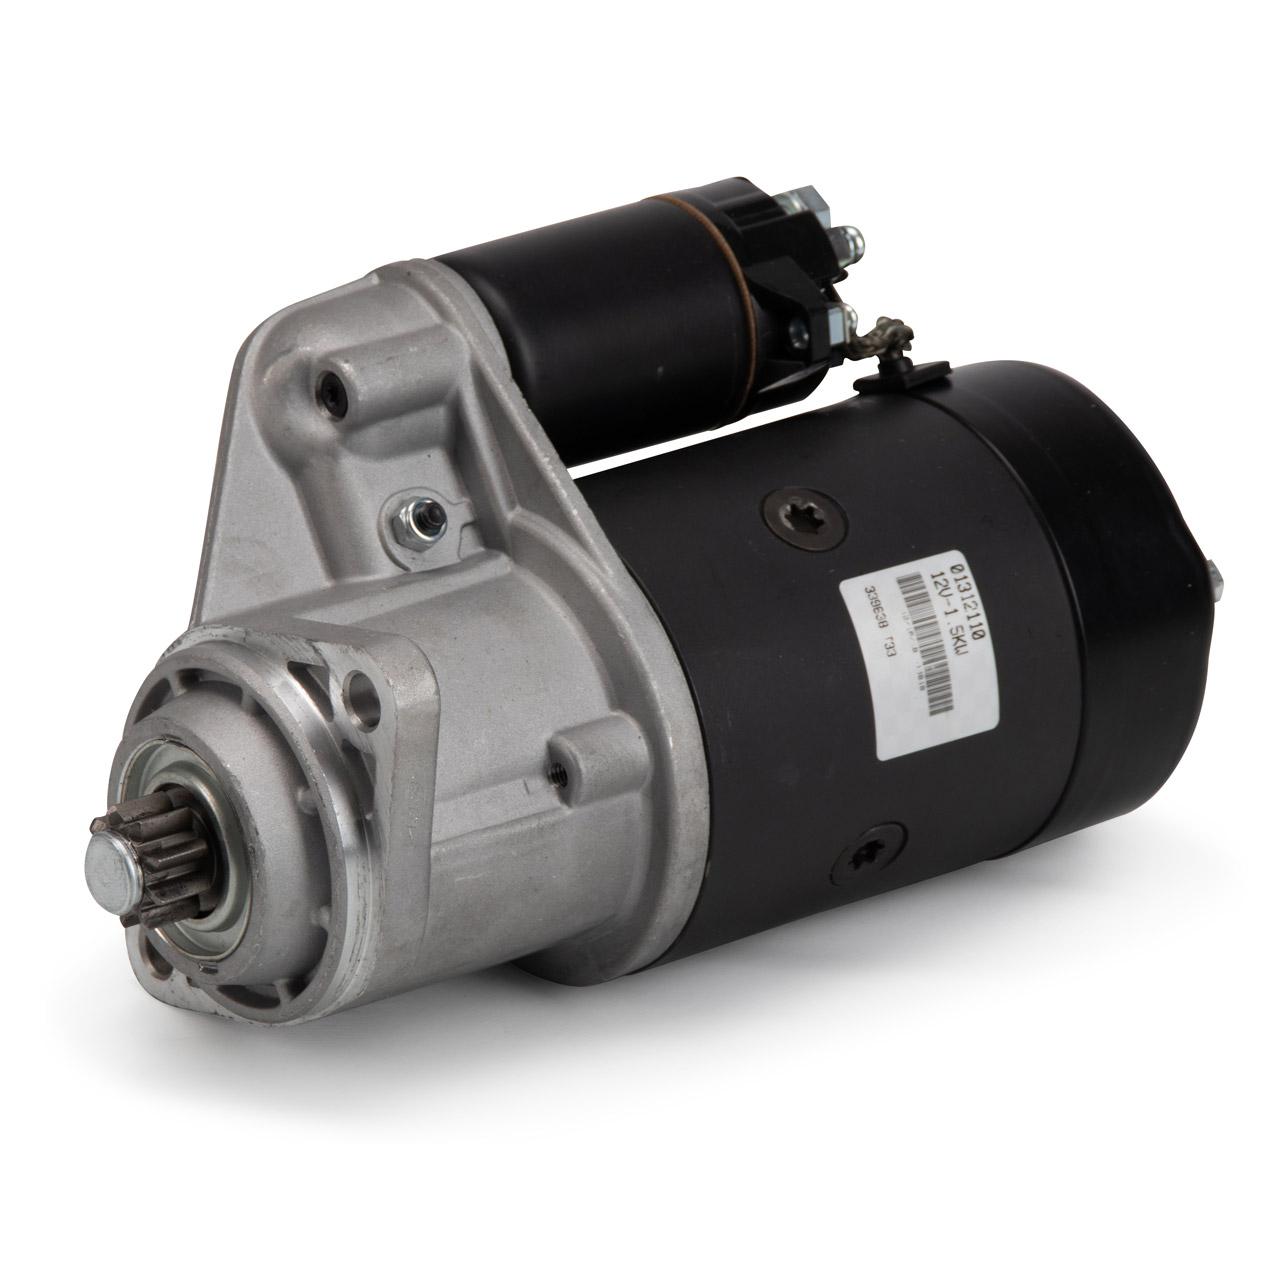 Anlasser Starter 12V 1,5 kW PORSCHE 911 3.2 / SC Carrera 3.3 Turbo 91160410101